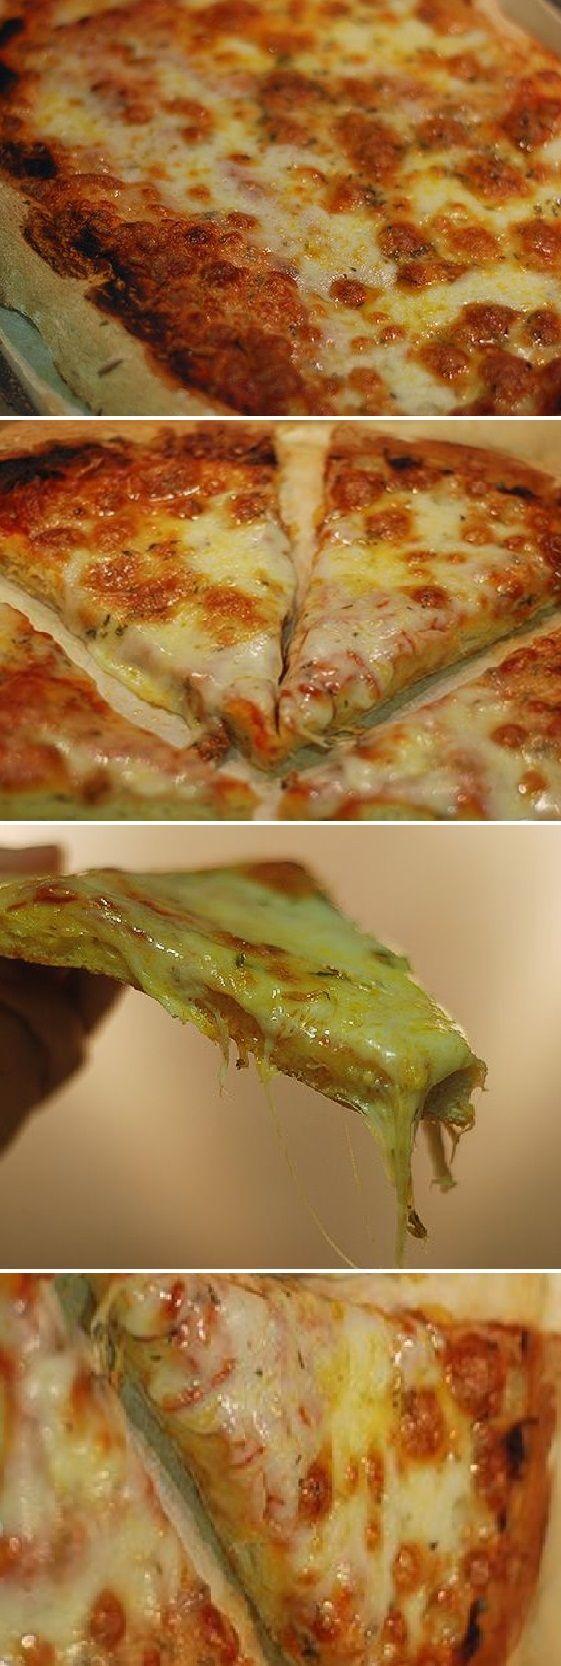 """Pizza margarita Ya os digo """"Una delicia dos Dioses""""  #margarita  #pizza  #mozzarella #queso #tomate #comohacer #receta #recipe #casero #torta #tartas #pastel #nestlecocina #bizcocho #bizcochuelo #tasty #cocina #jamón  #chocolate #pan #panes   Si te gusta dinos HOLA y dale a Me Gusta MIREN …"""